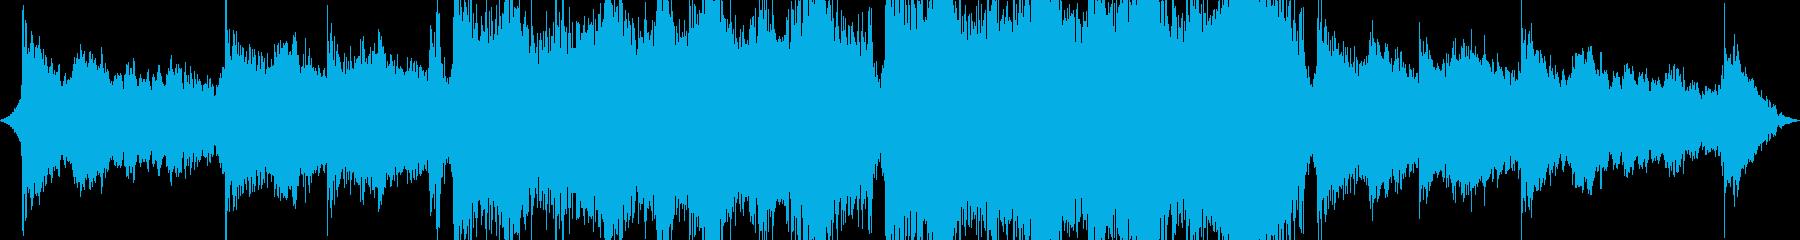 素晴らしい感動的なエピックトレーラーの再生済みの波形